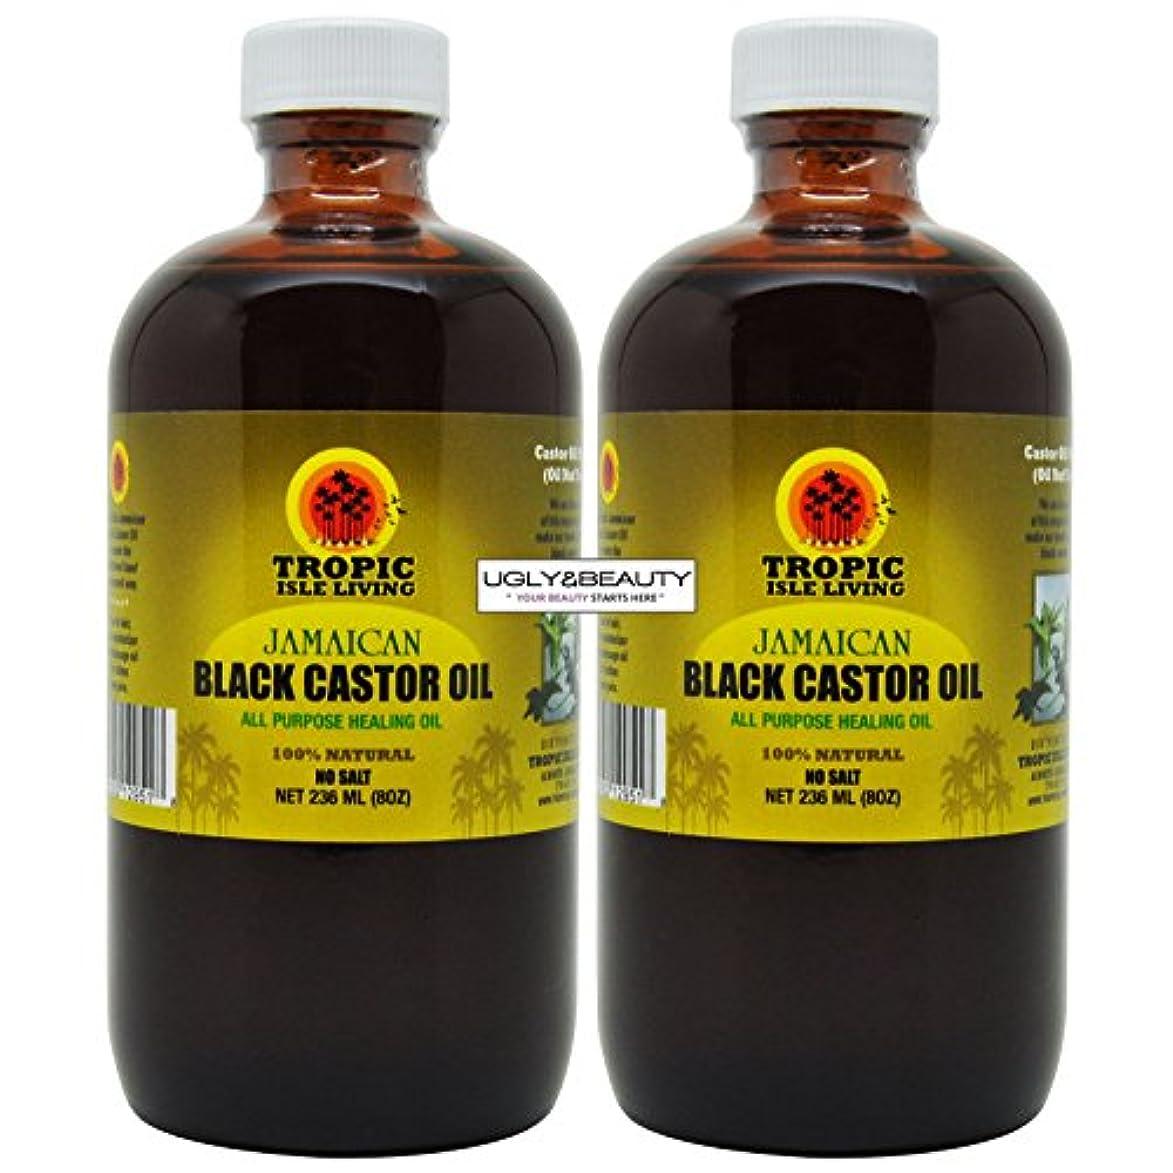 会員良性作業熱帯の島に住むジャマイカ黒ビーバーのカストリウム 118ml 2パック